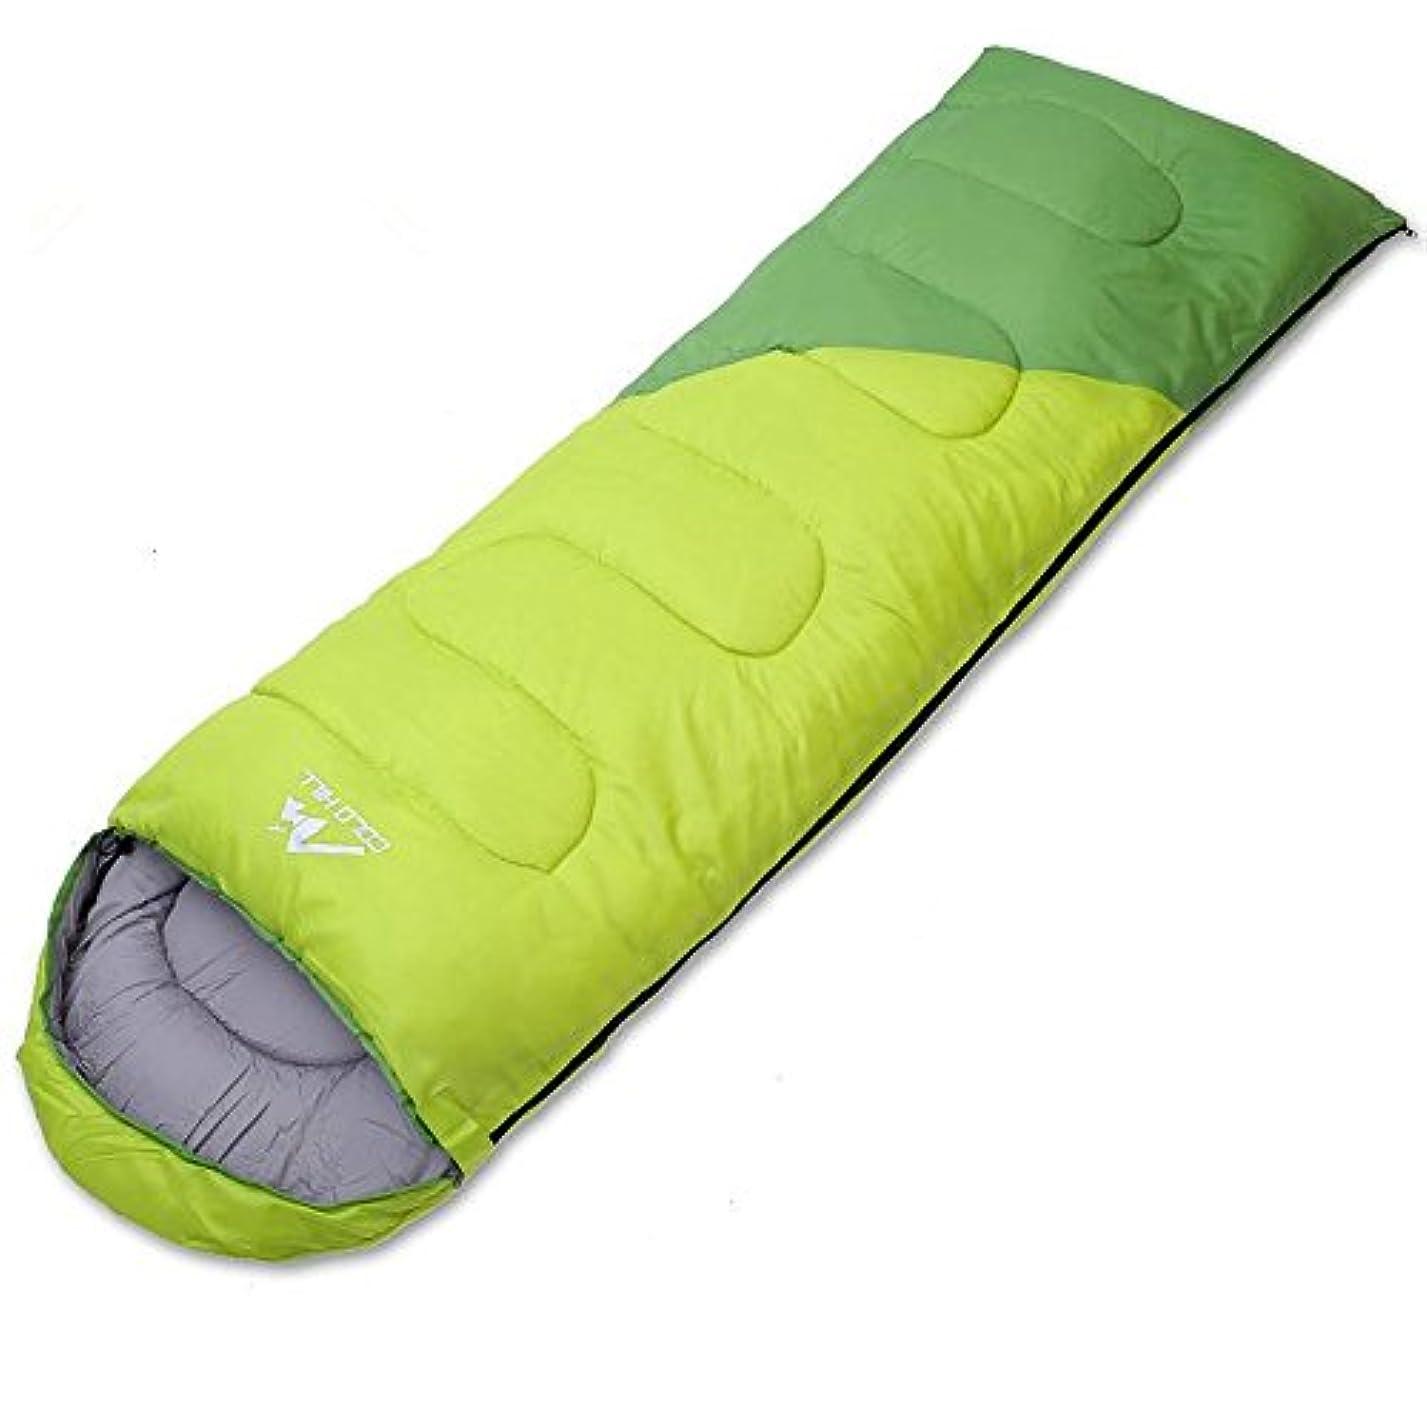 眠りセーブウィザードWaterly ポータブル寝袋二重寝袋通気性の暖かい寝袋厚いパディング防水品質保証 顧客に愛されて